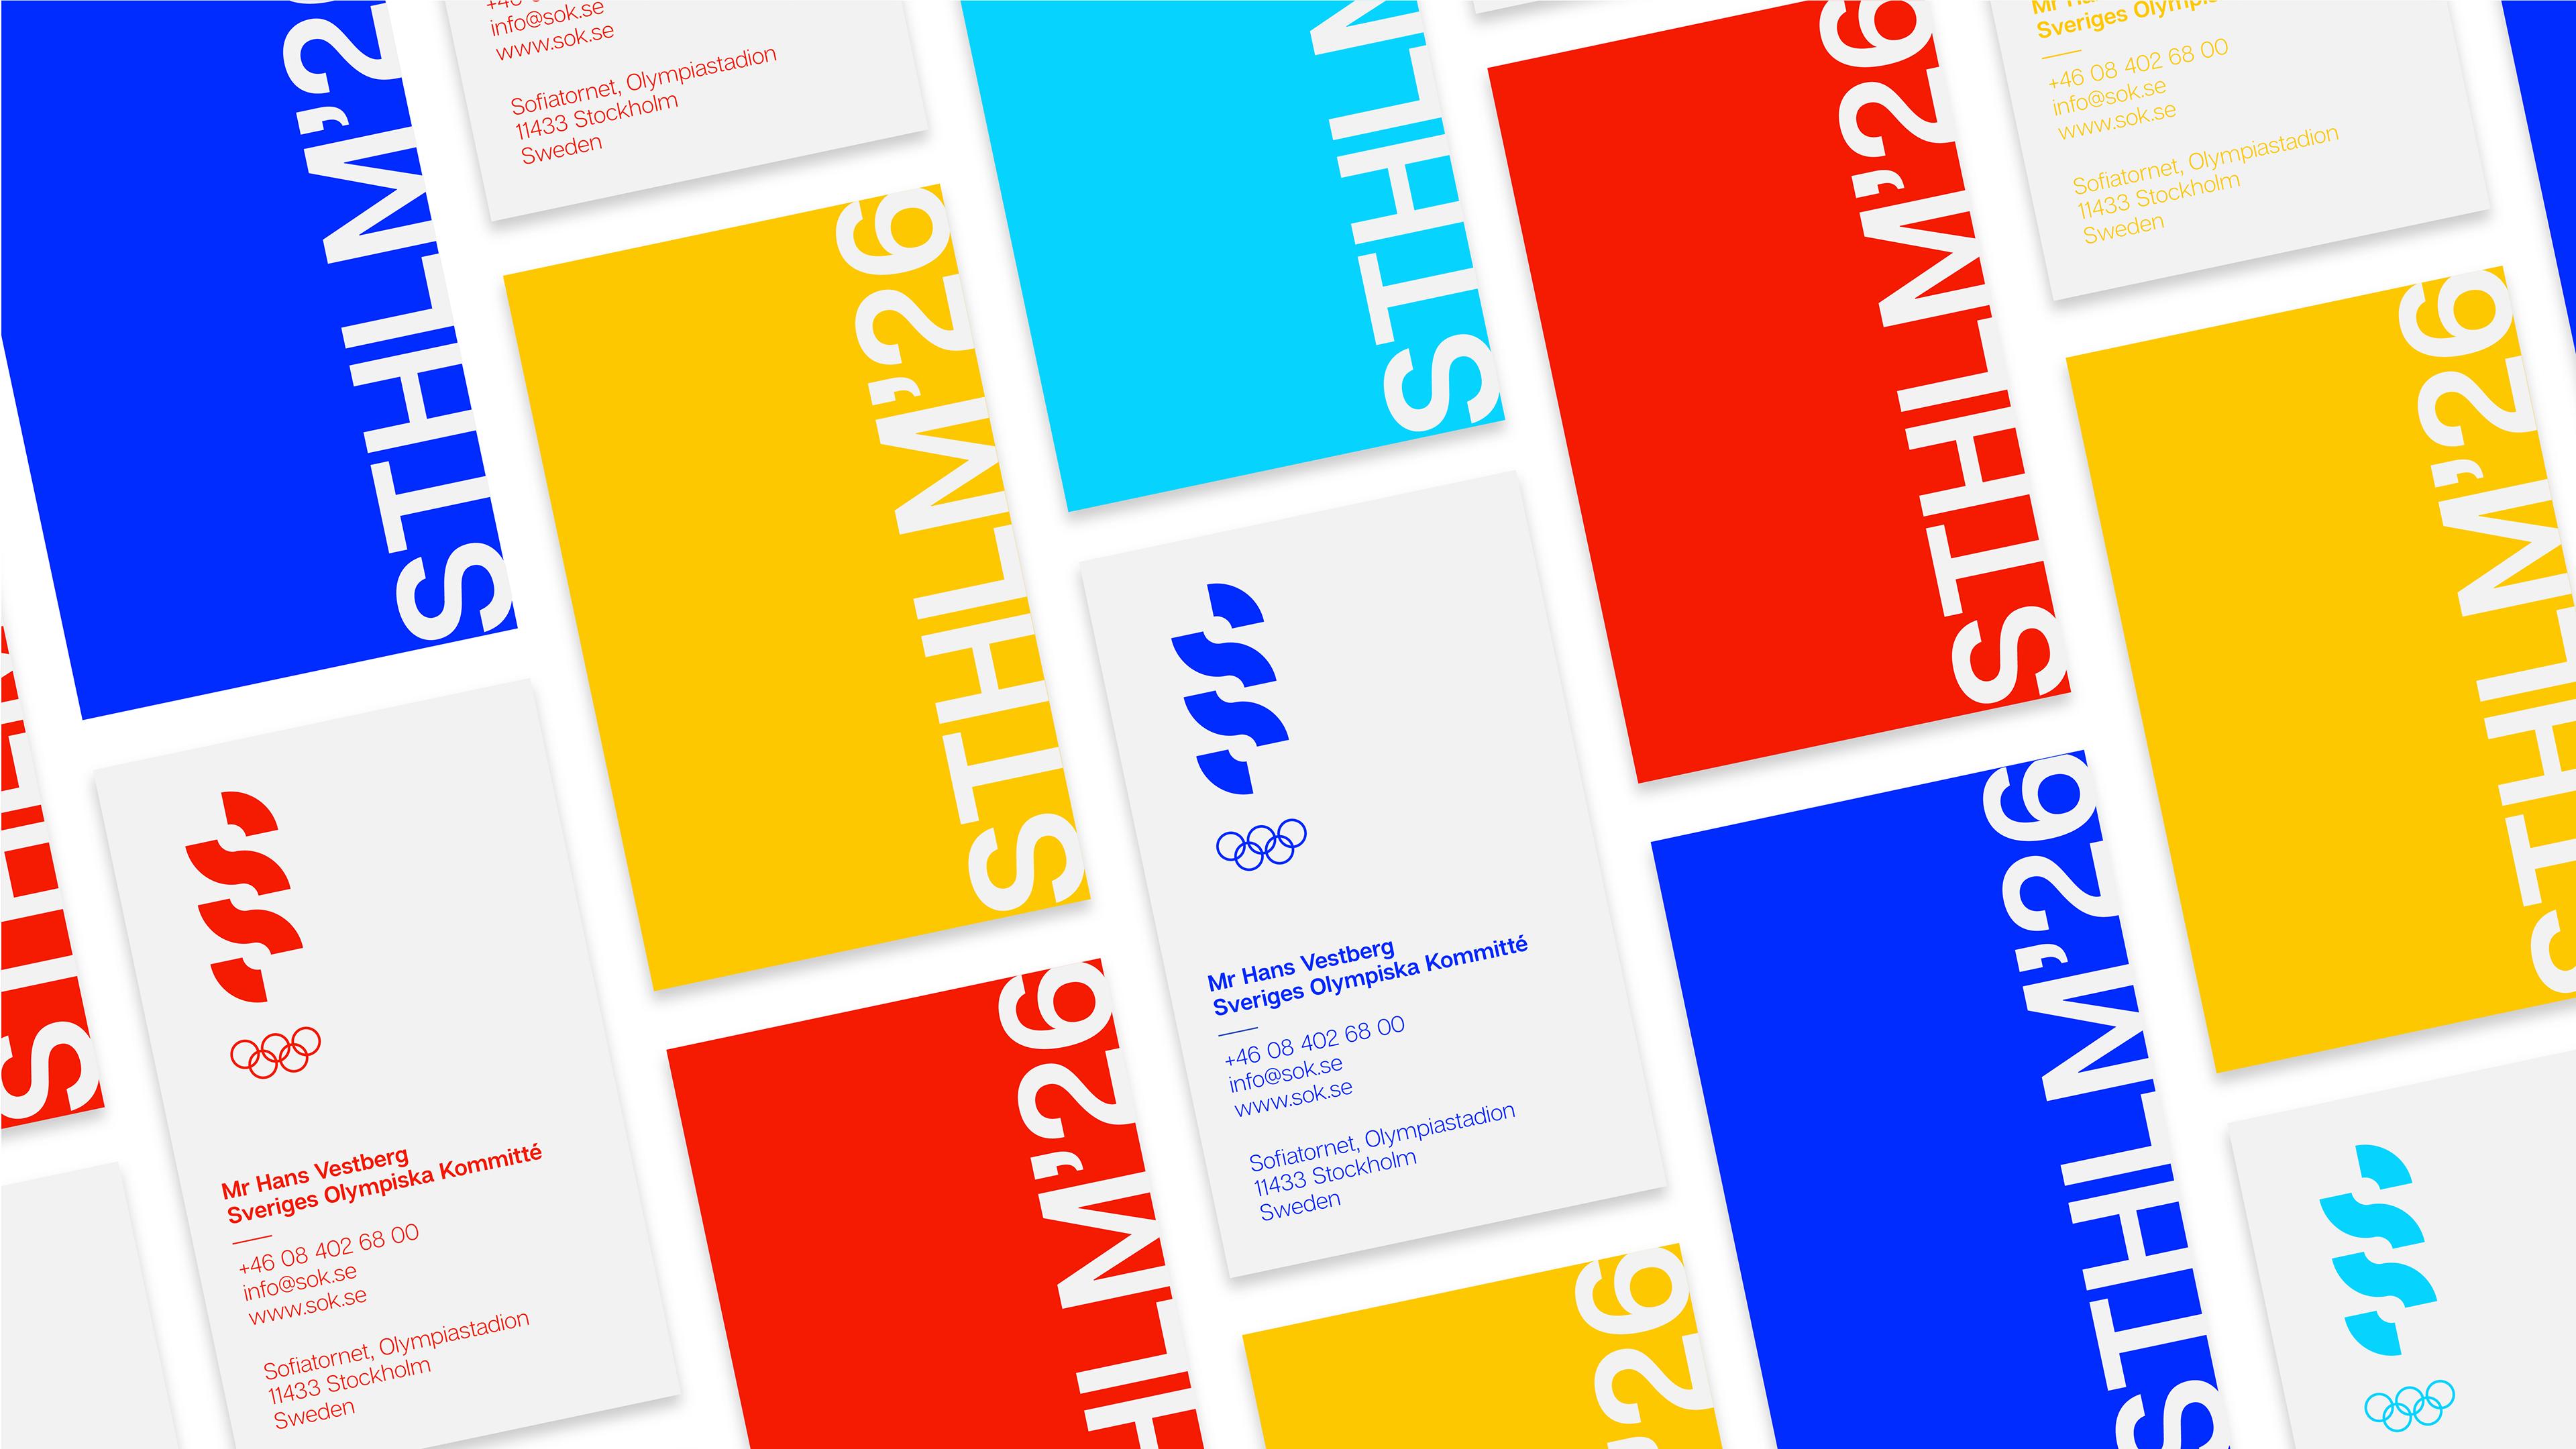 北京奥运会体育项目_瑞典斯德哥尔摩2026年冬季奥运会视觉识别系统设计 - 视觉同盟 ...